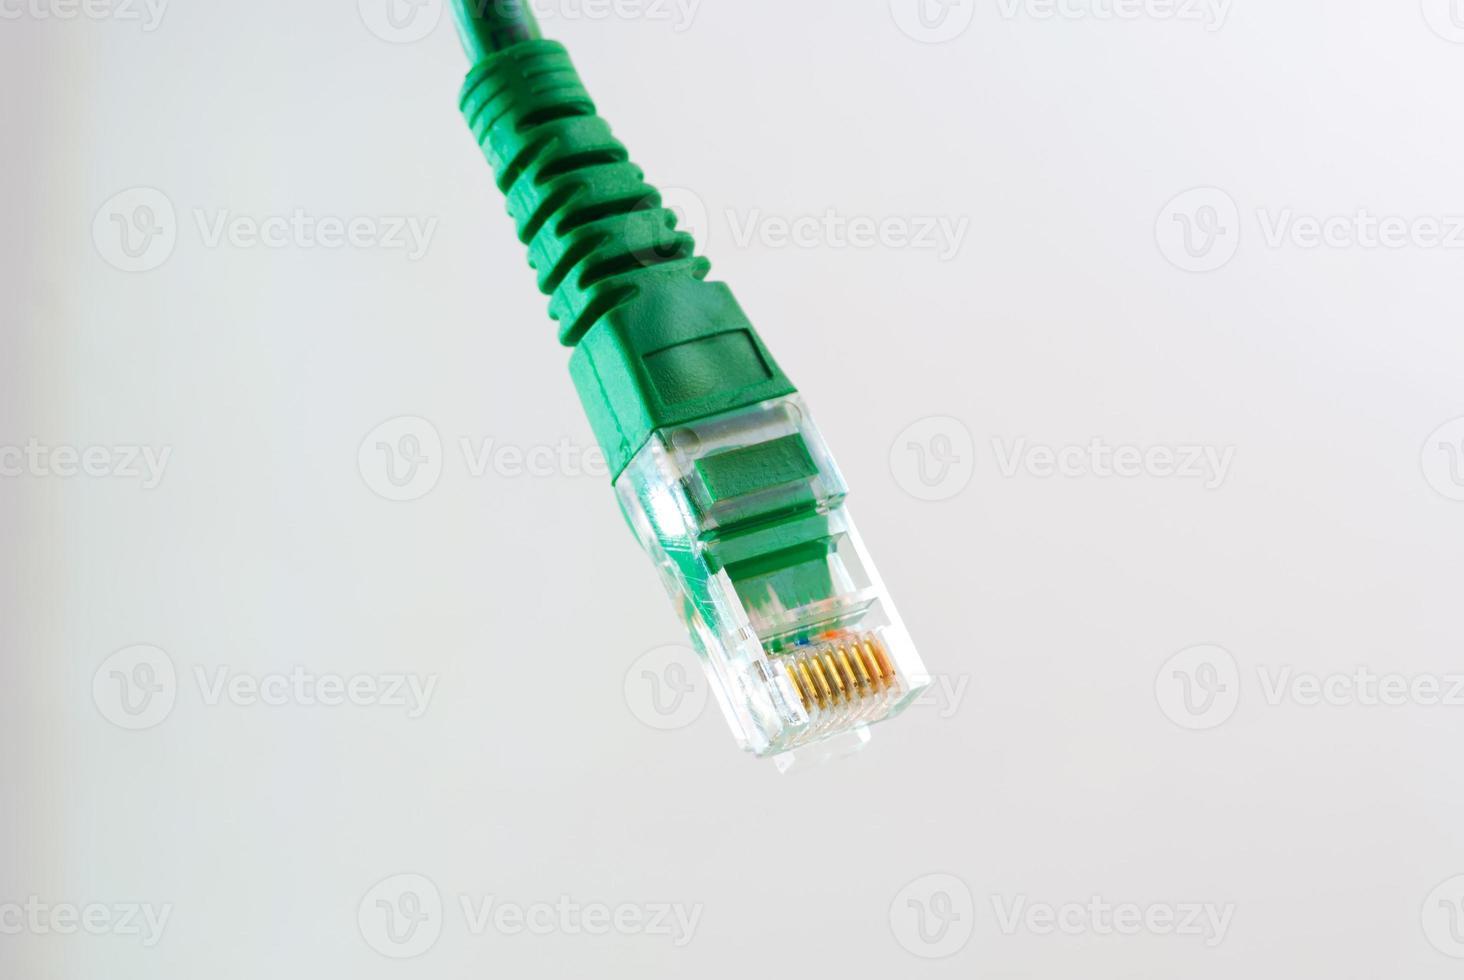 Netzwerkkabel rj45 Kopf auf weißem Hintergrund foto